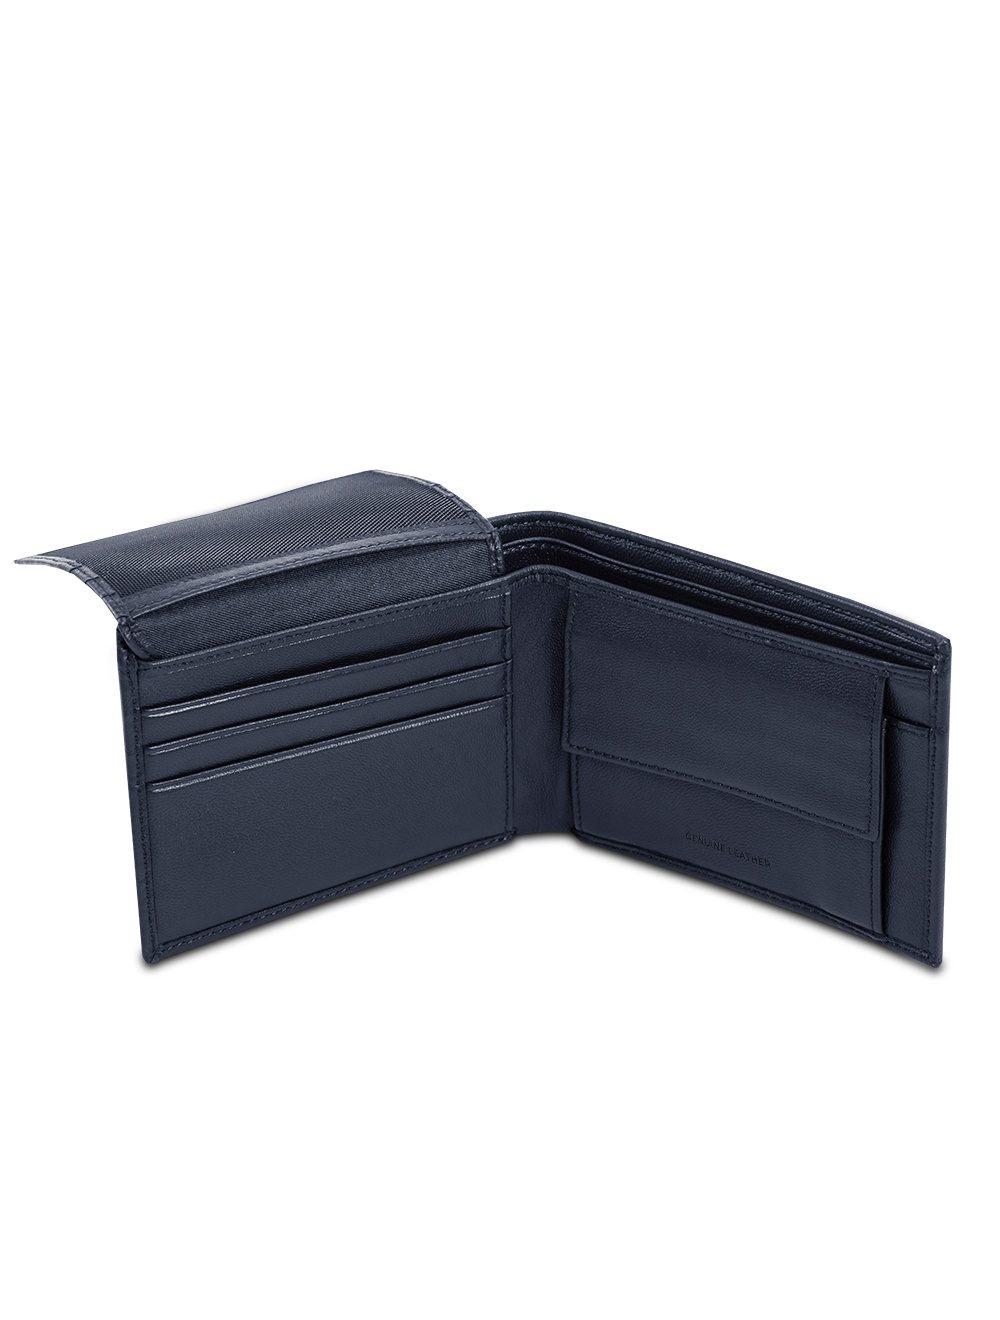 Portafoglio classico con portamonete - Blu Oceano